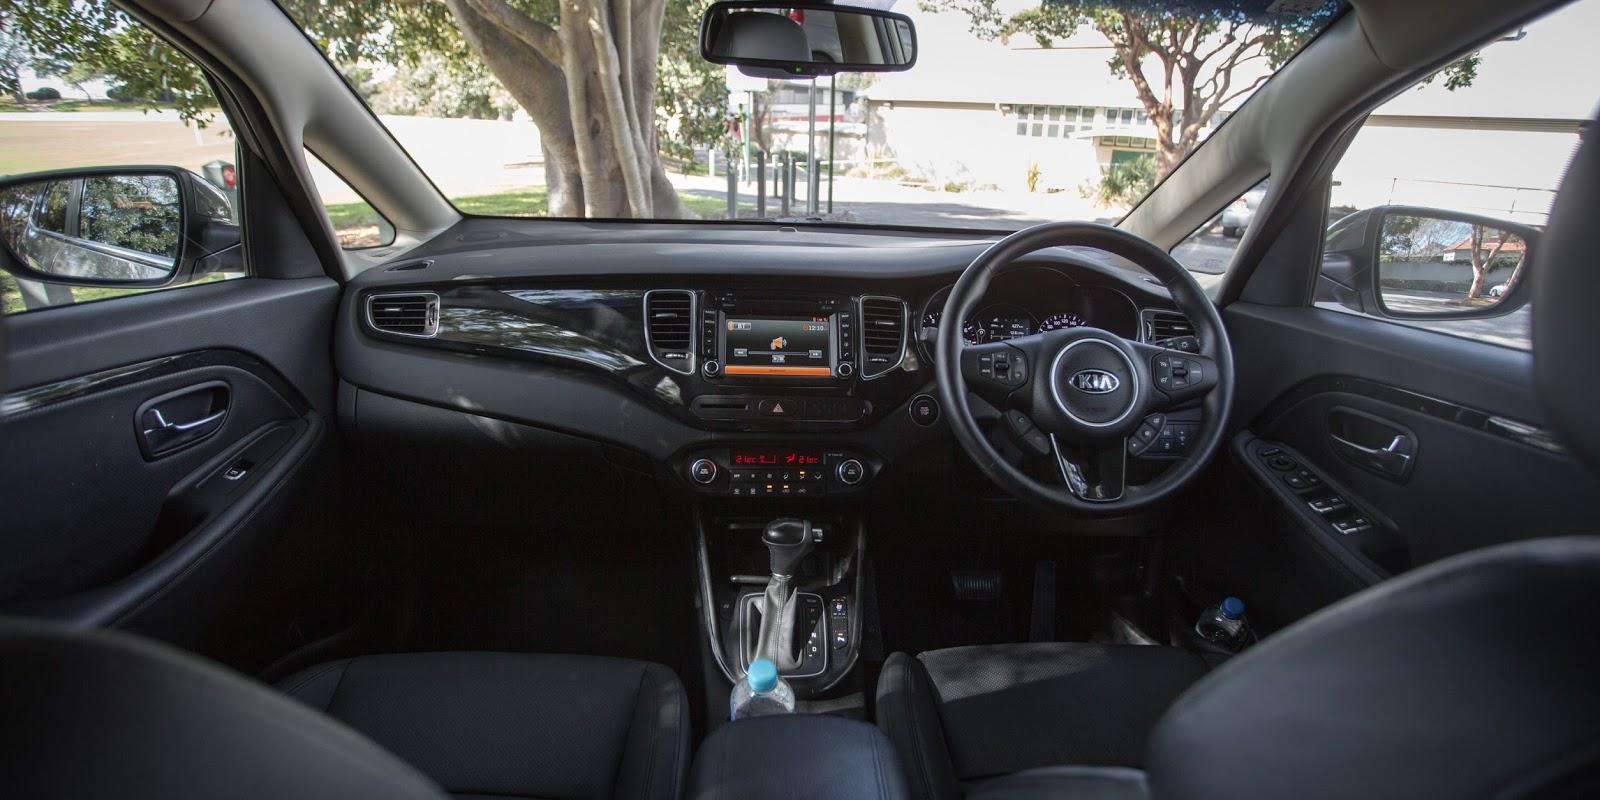 Là một chiếc xe bình dân, nhưng Rondo 2016 có rất nhiều tính năng thông minh, an toàn